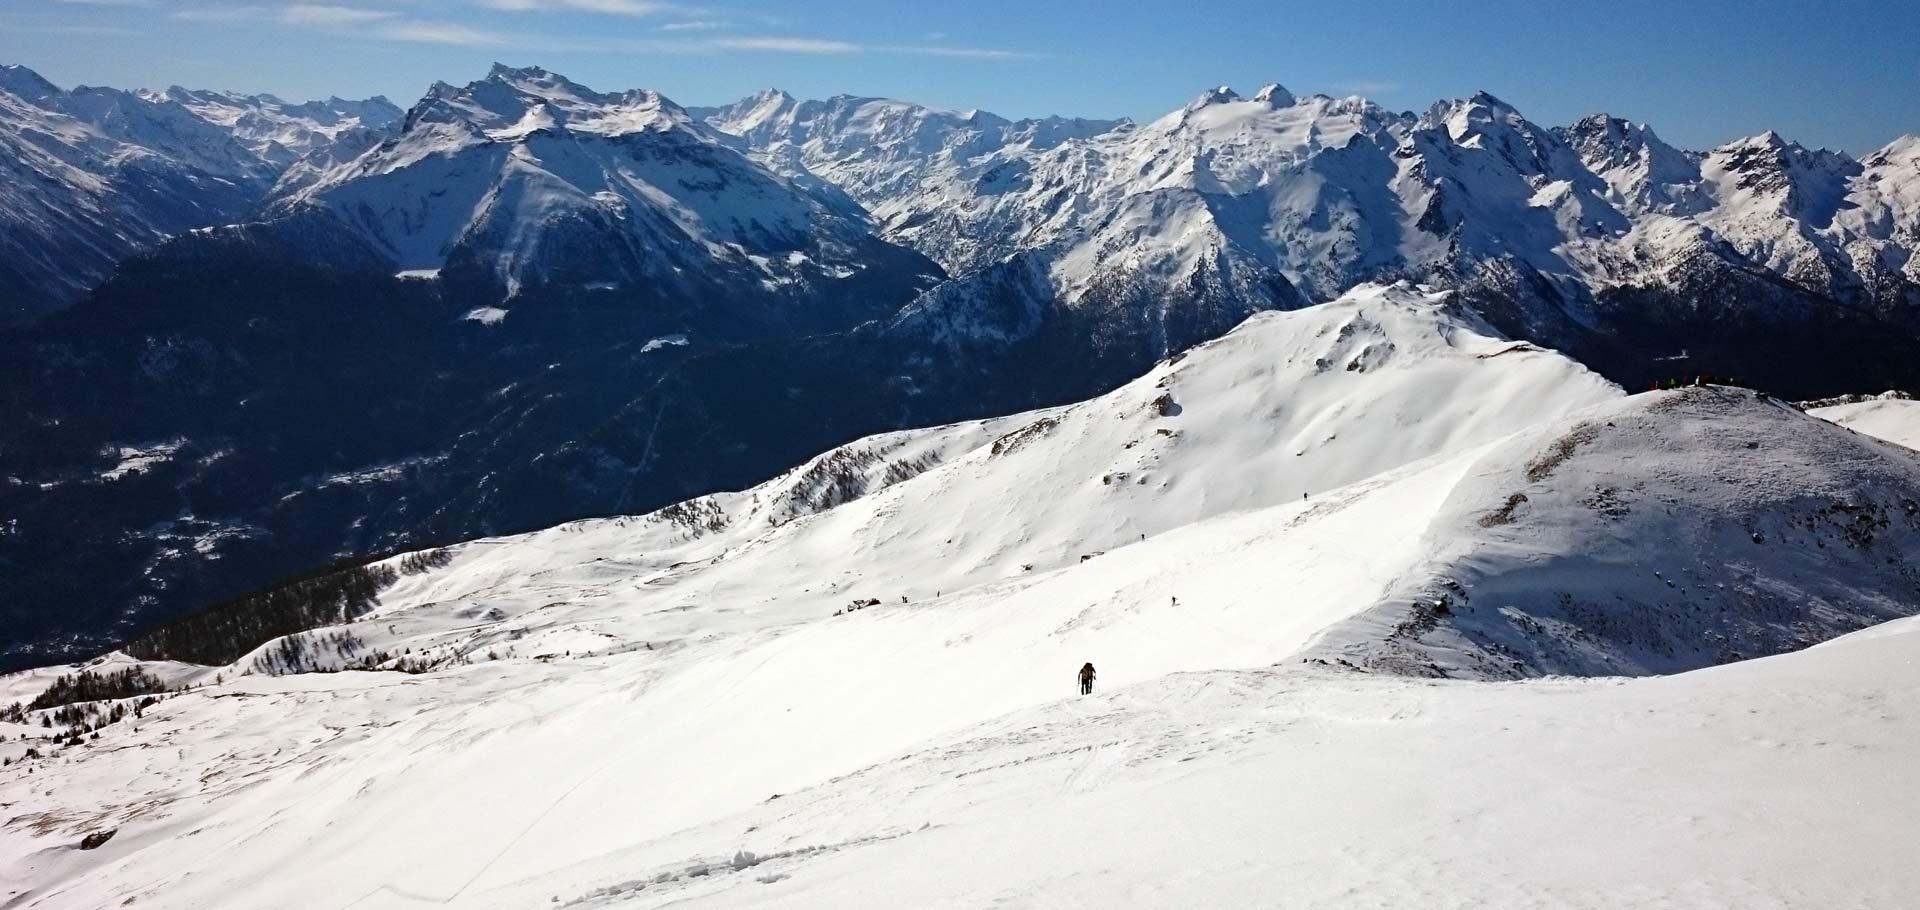 Corsi di sci alpinismo livello 3